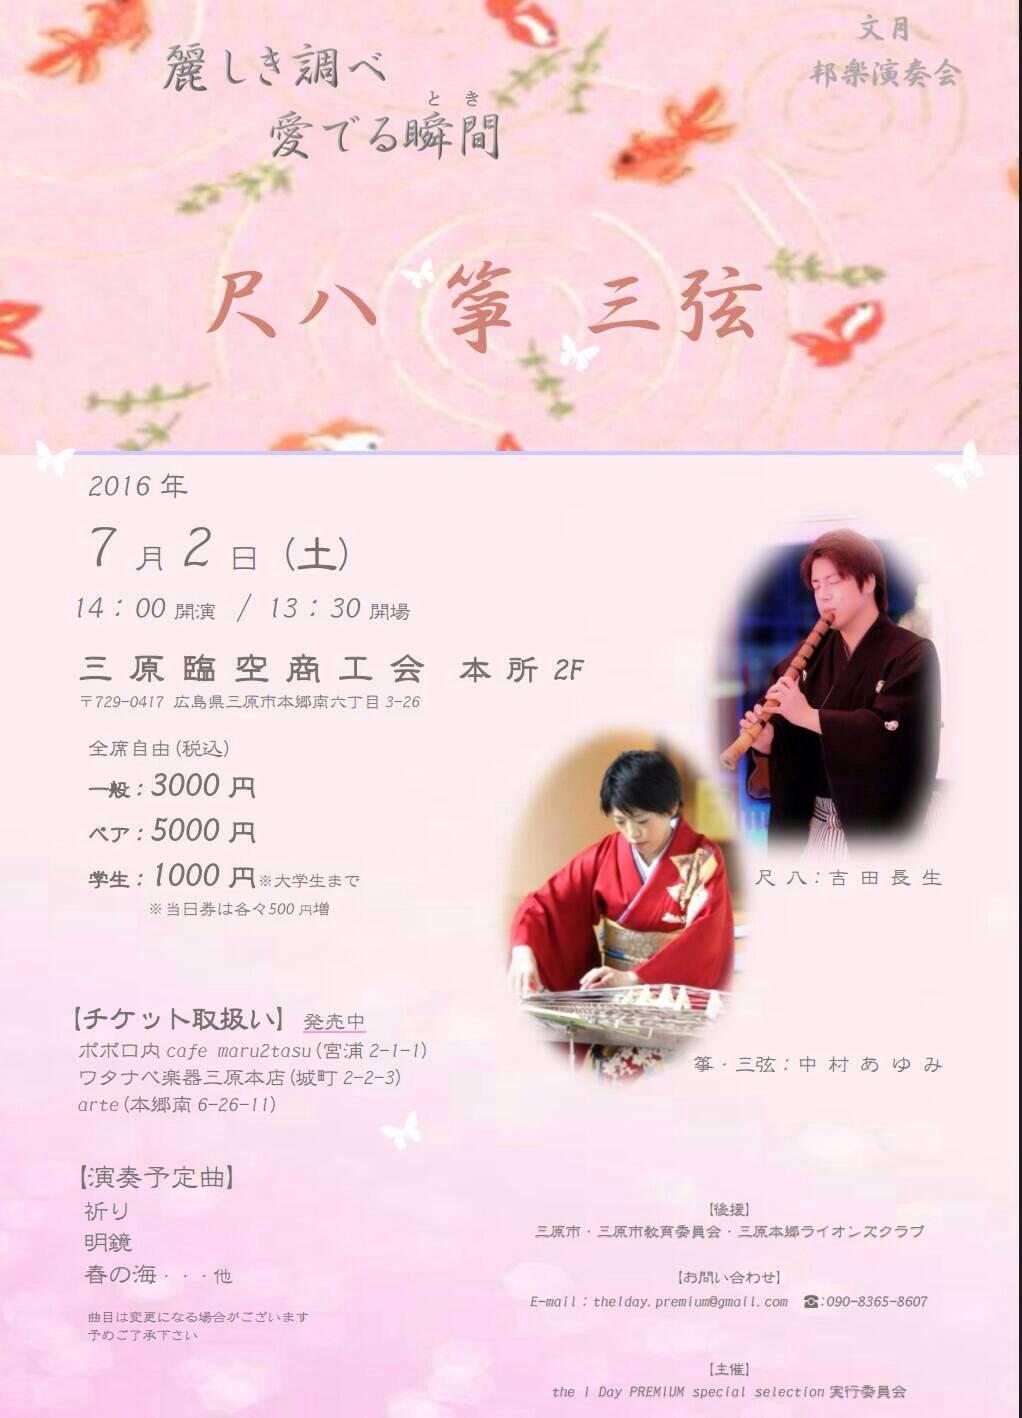 広島コンサート開催予定